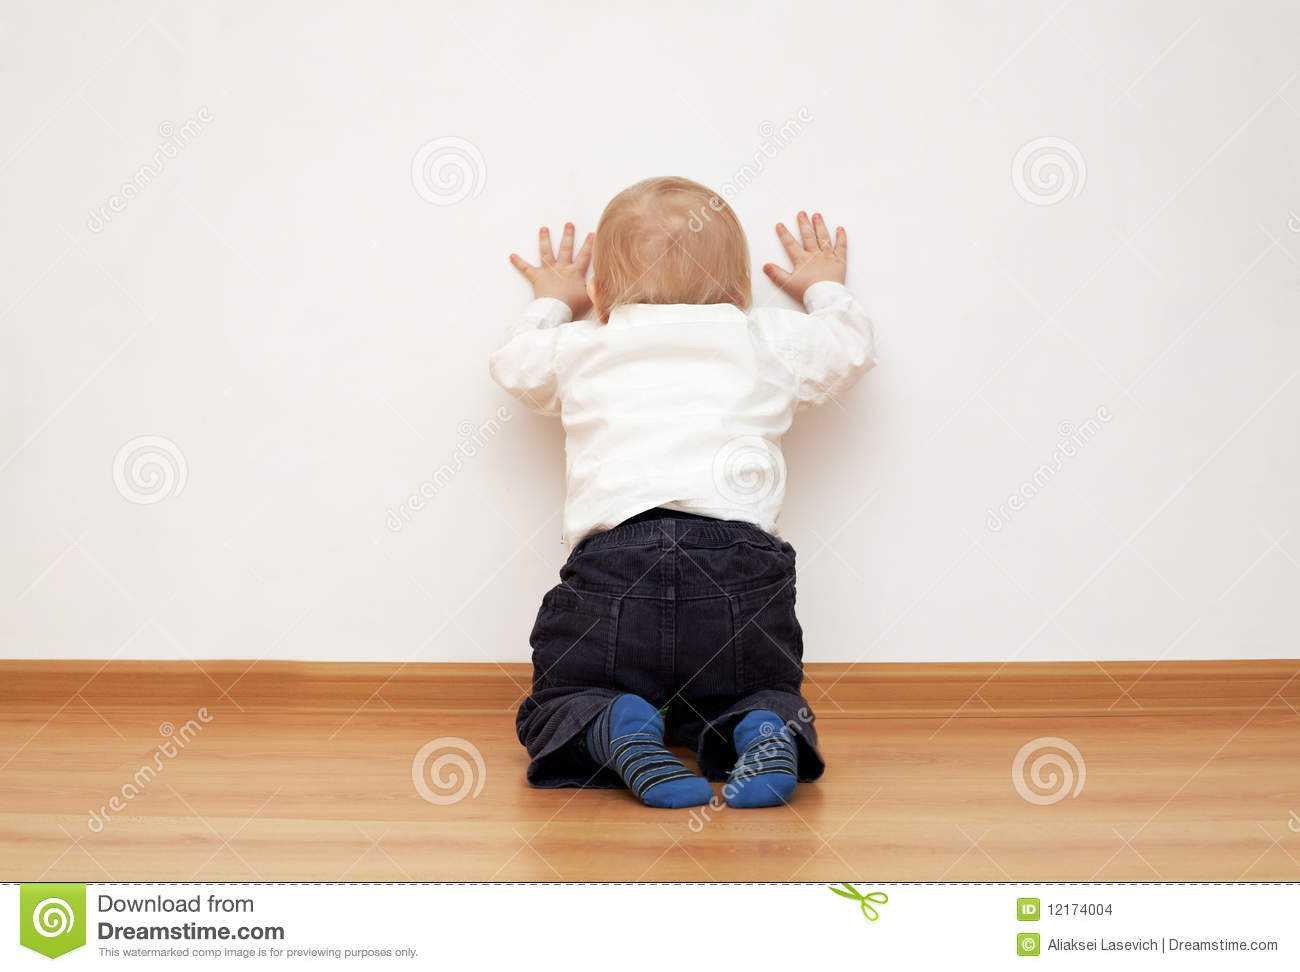 Ребенок бьется головой: причины истерики, как отучить?